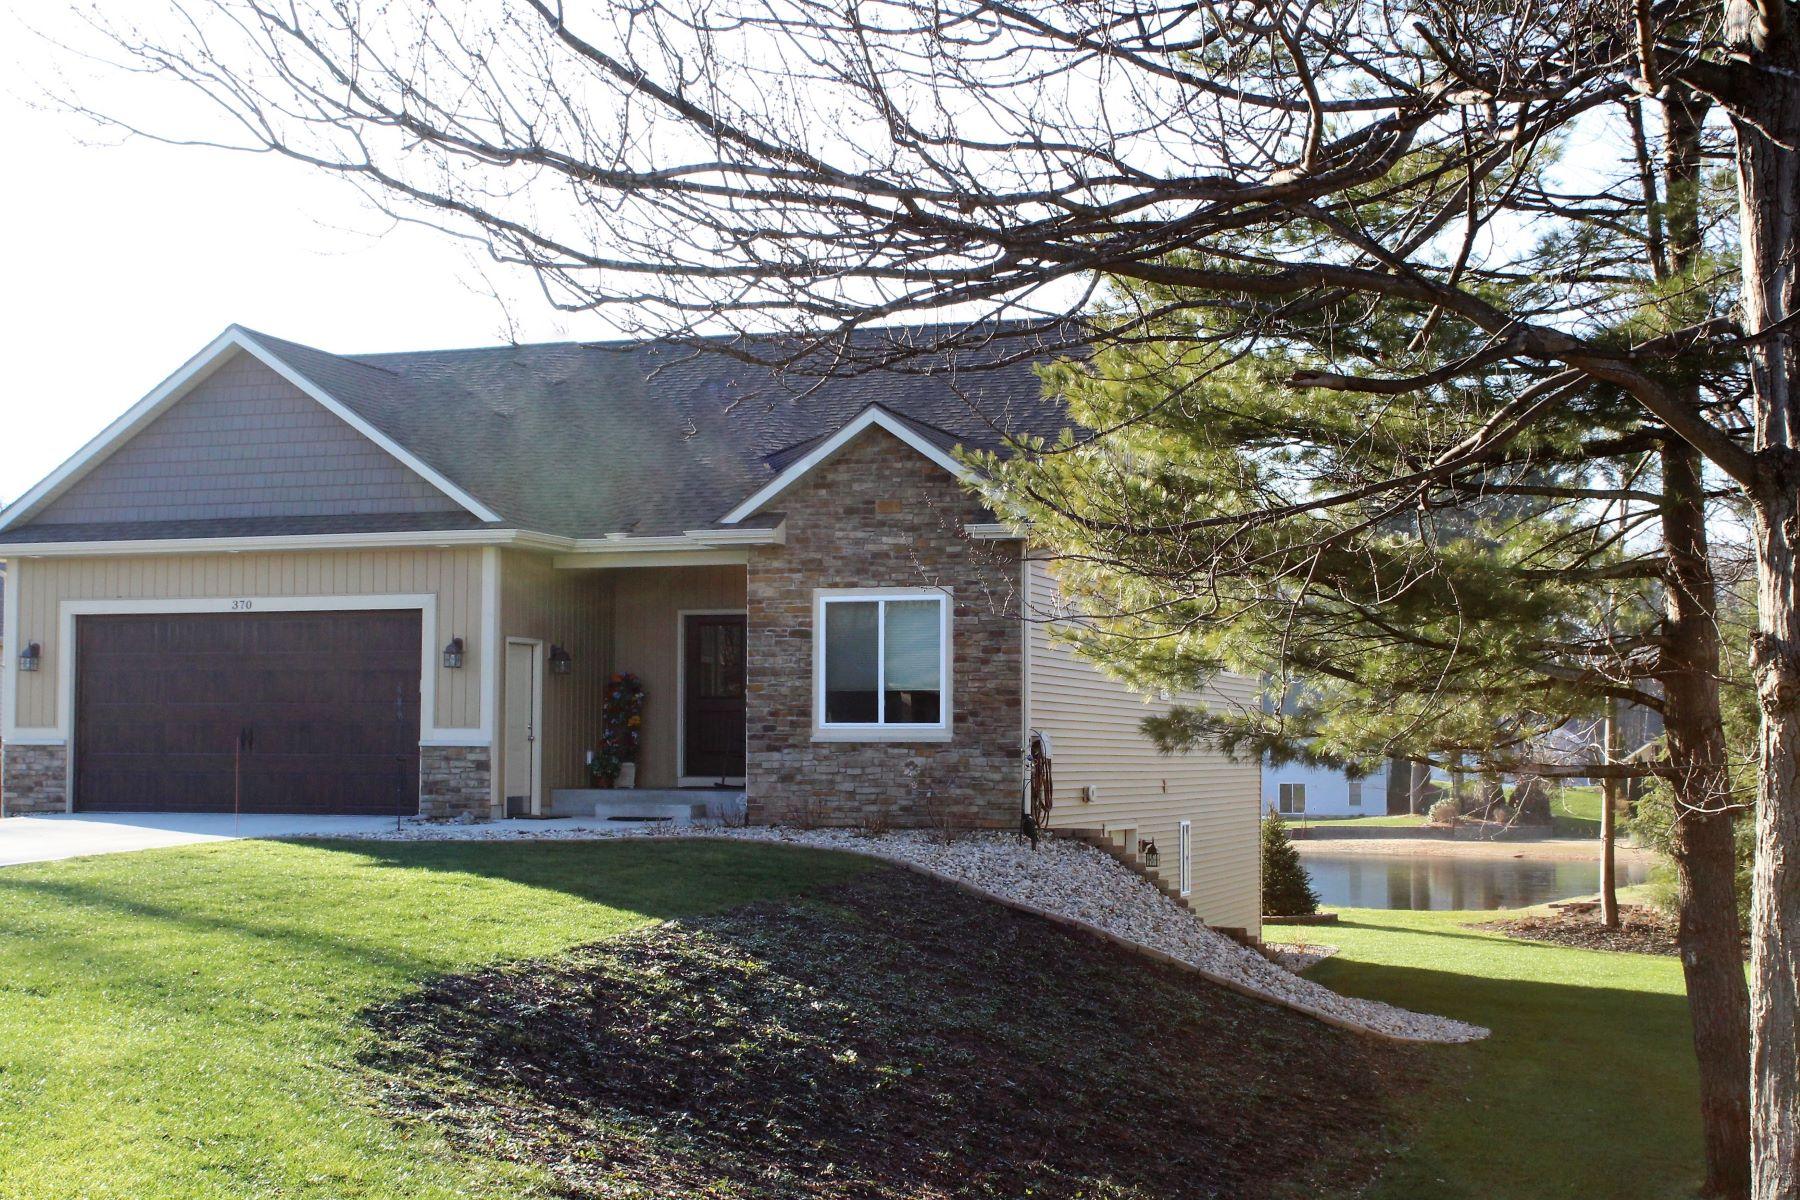 Các loại nhà khác vì Bán tại Secluded Life On The Lake 370 142nd Avenue Holland, Michigan, 49424 Hoa Kỳ